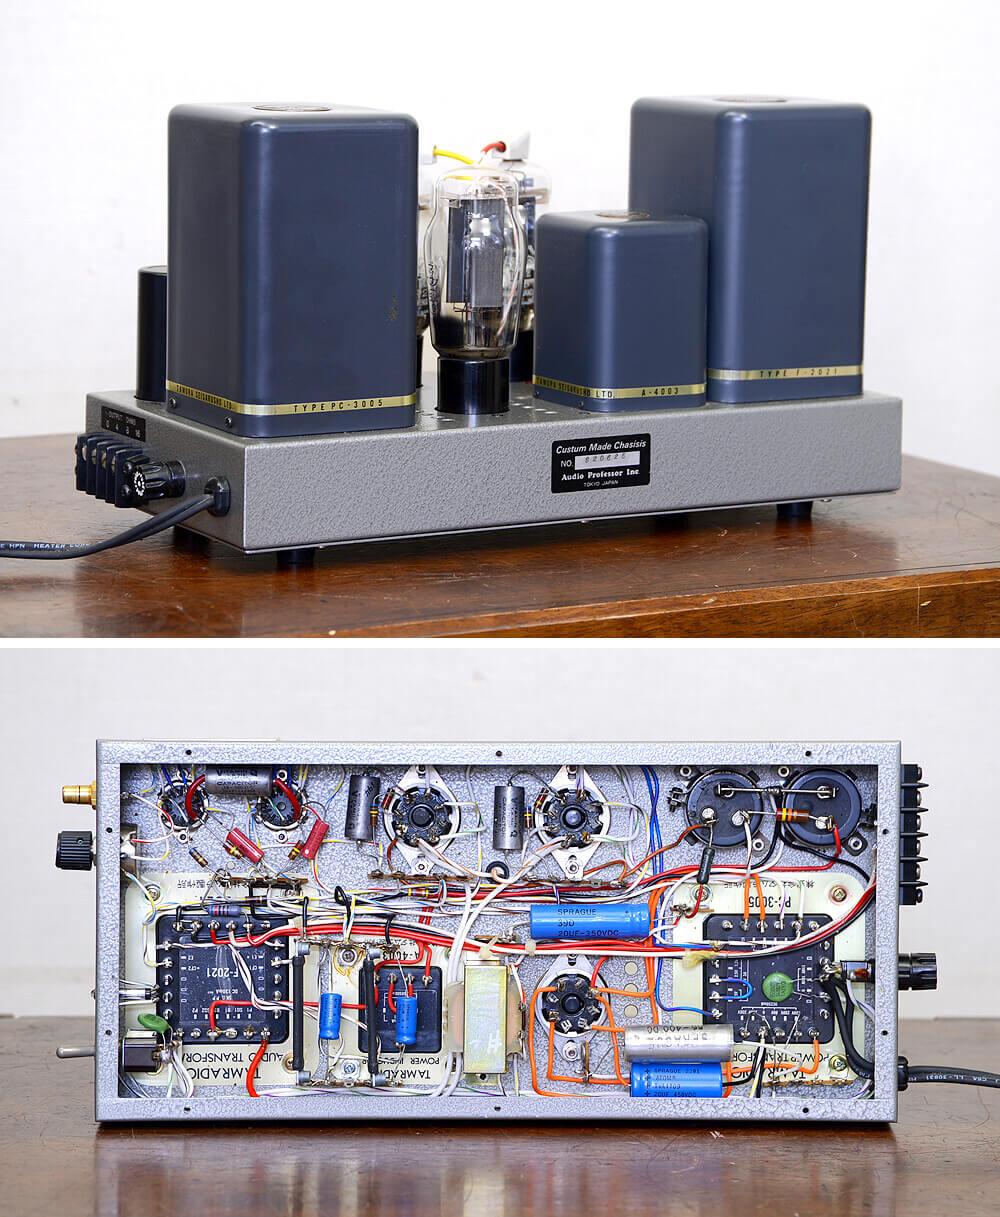 オーディオ専科 6P28 真空管モノラルパワーアンプキット4枚目